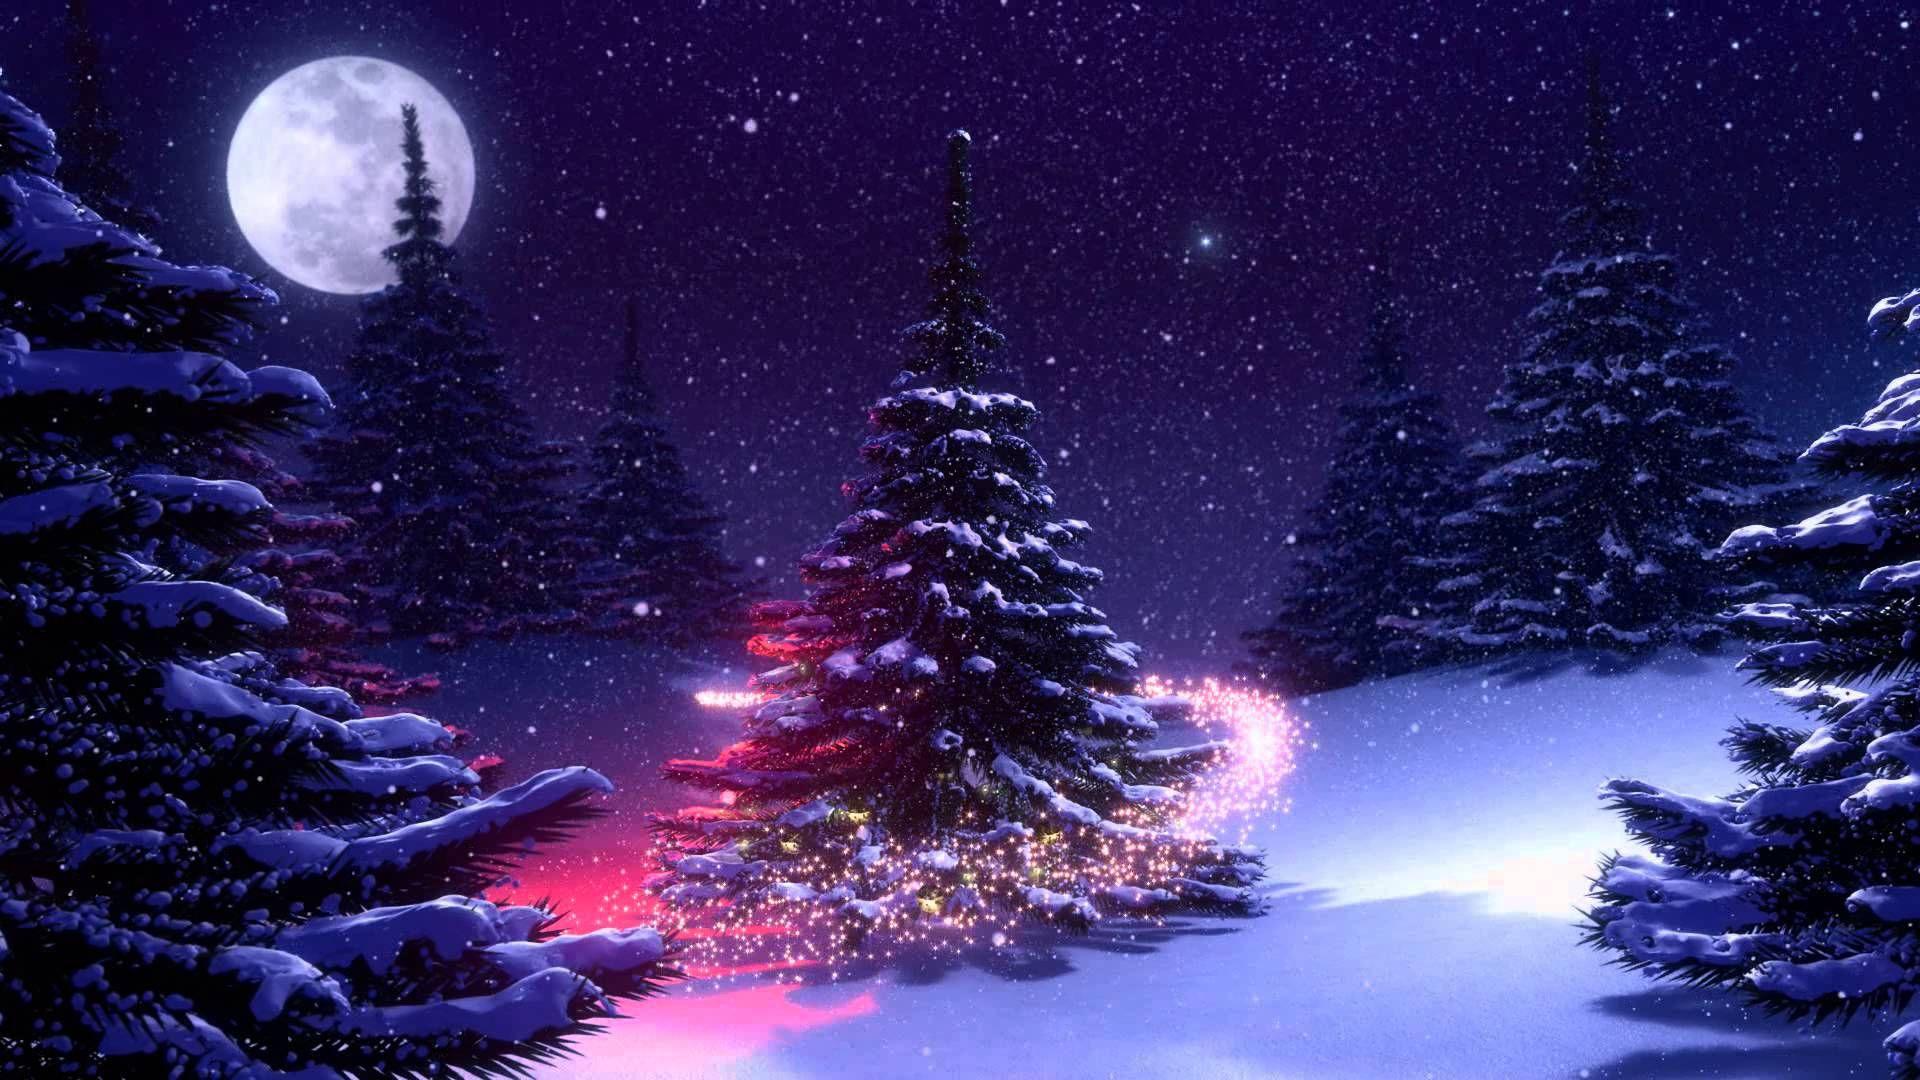 Fondo De Pantalla 3d De Navidad De Santa Vas De Luna Hd: Fondos Animados Árbol De Navidad Nieve Full HD Animated